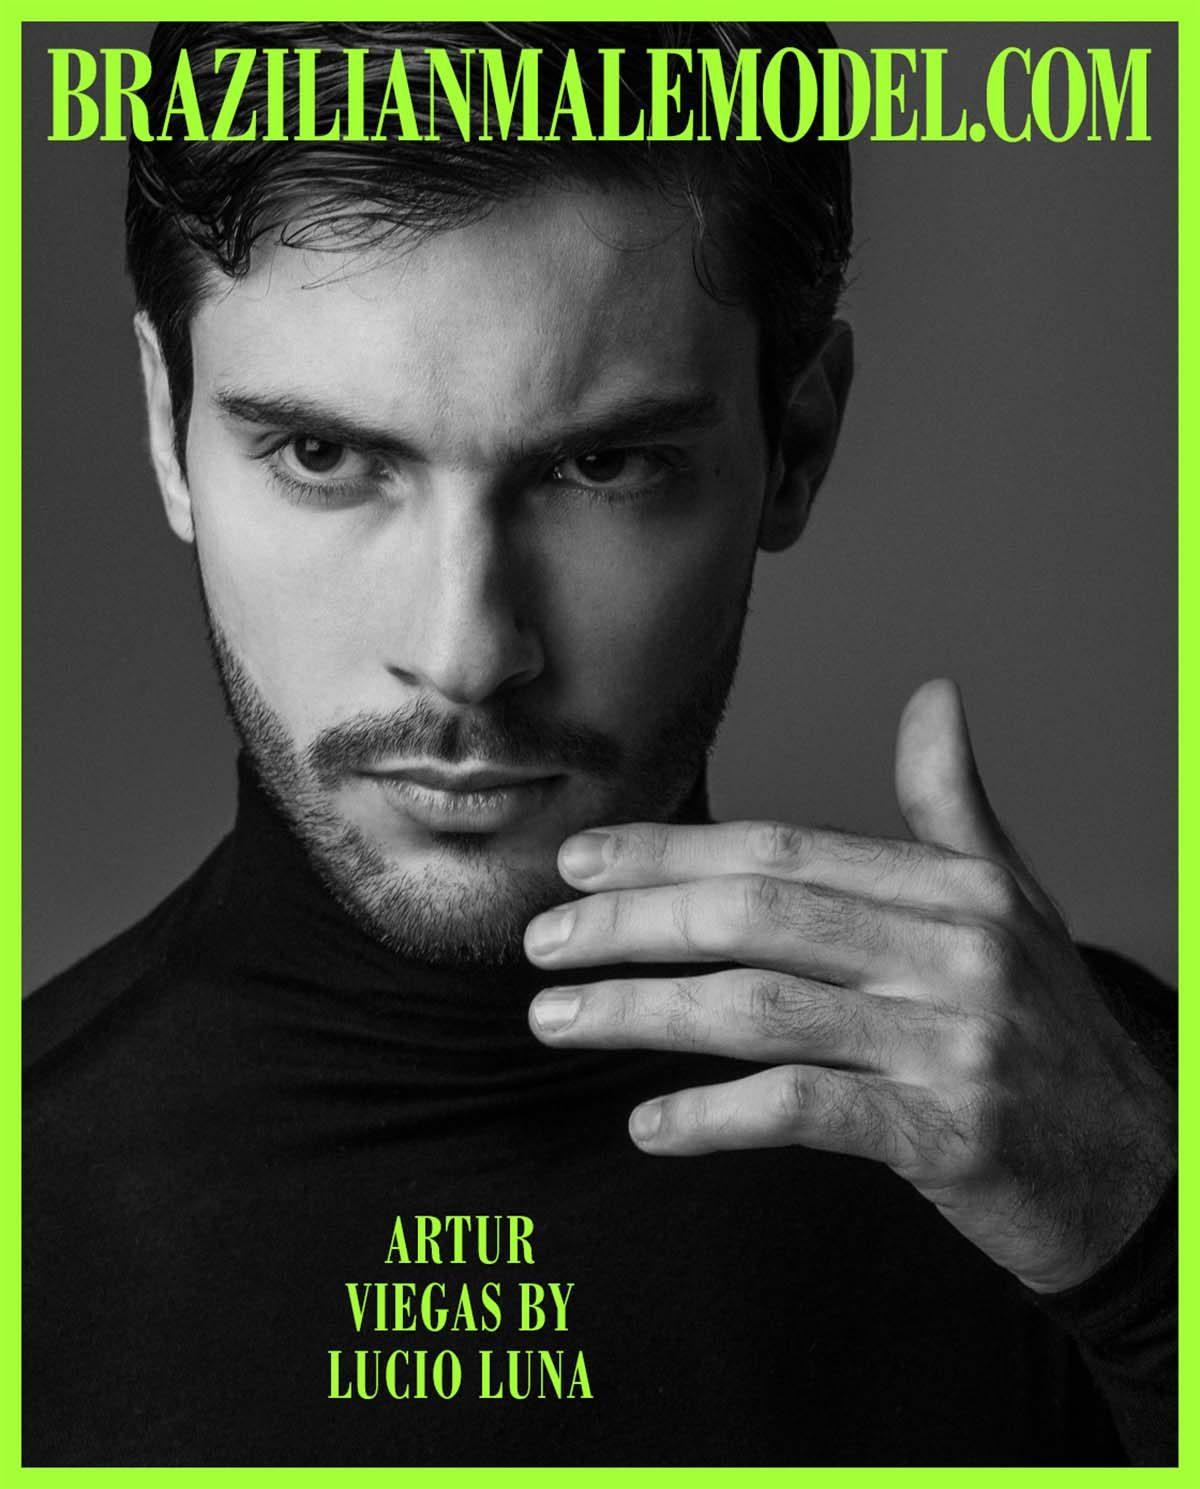 Artur Viegas by Lucio Luna